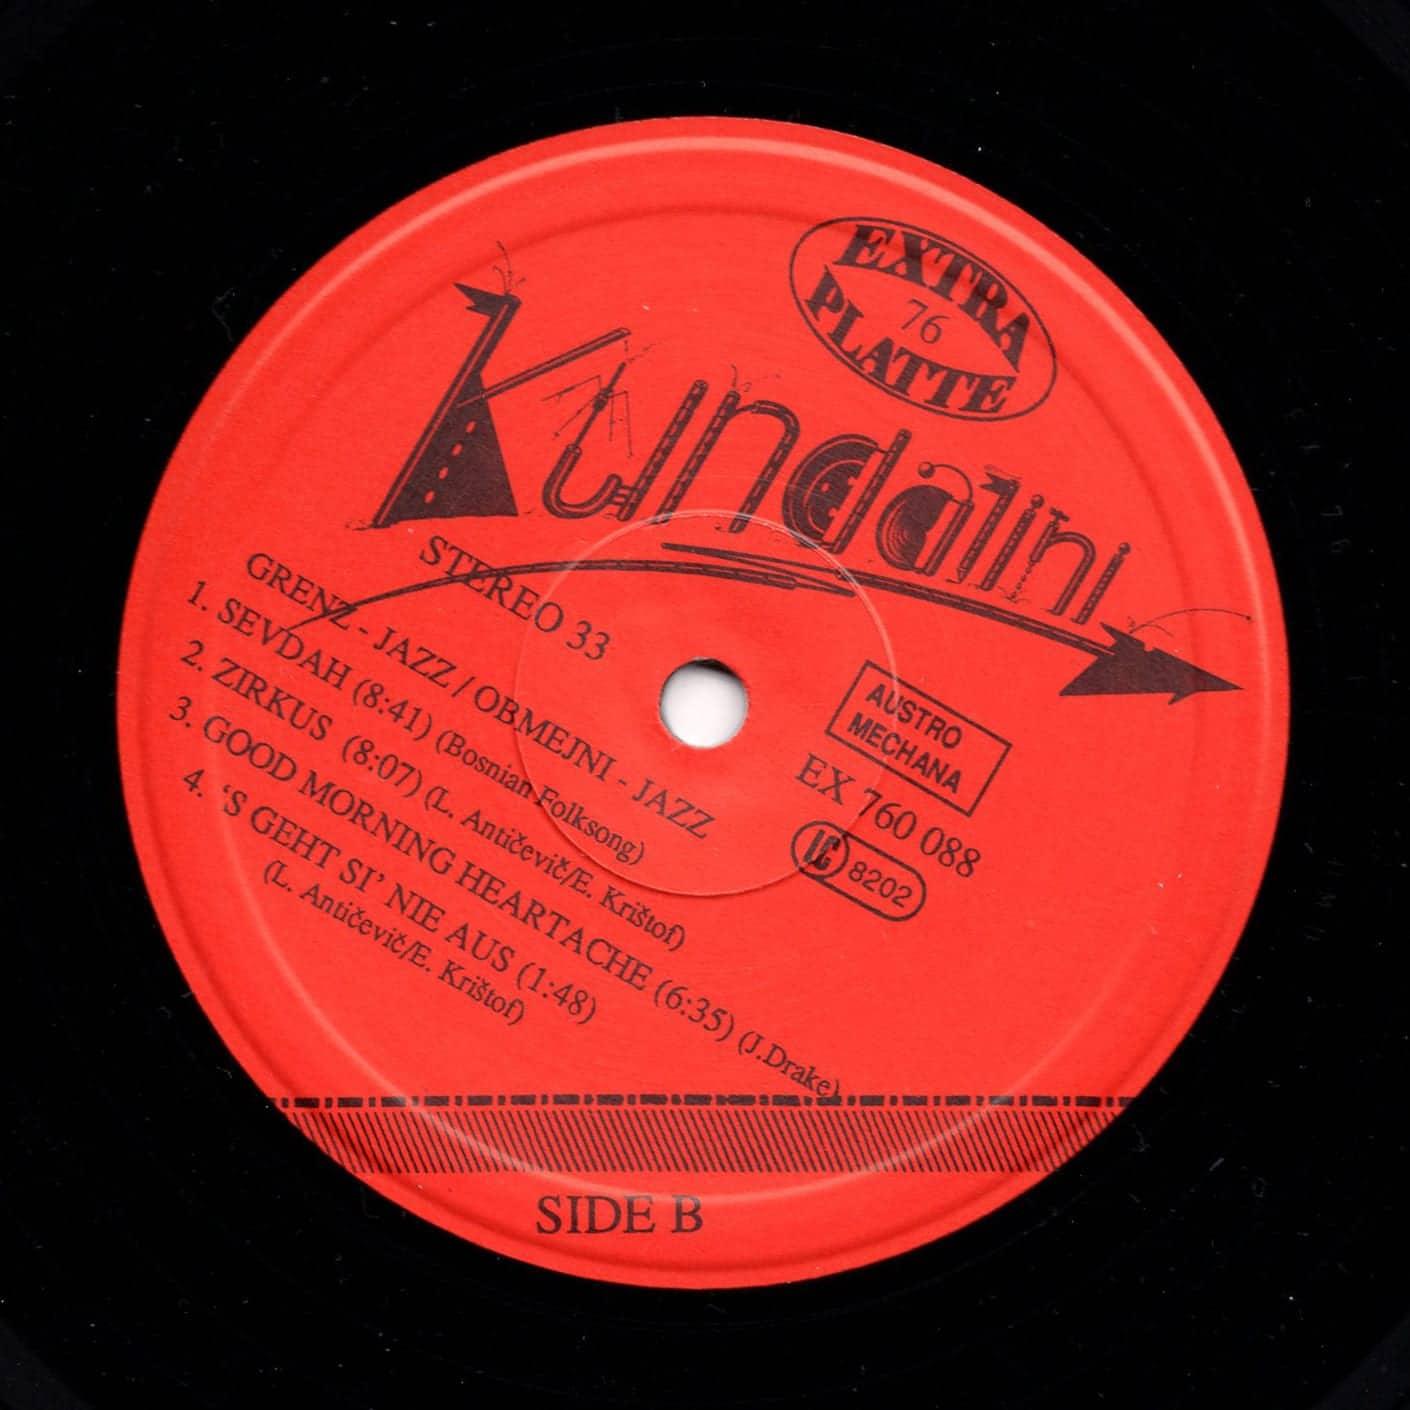 Kundalini Grenz-Jazz / Obmejni-Jazz – Extraplatte – 76 – EX 760 088 Austria 1988